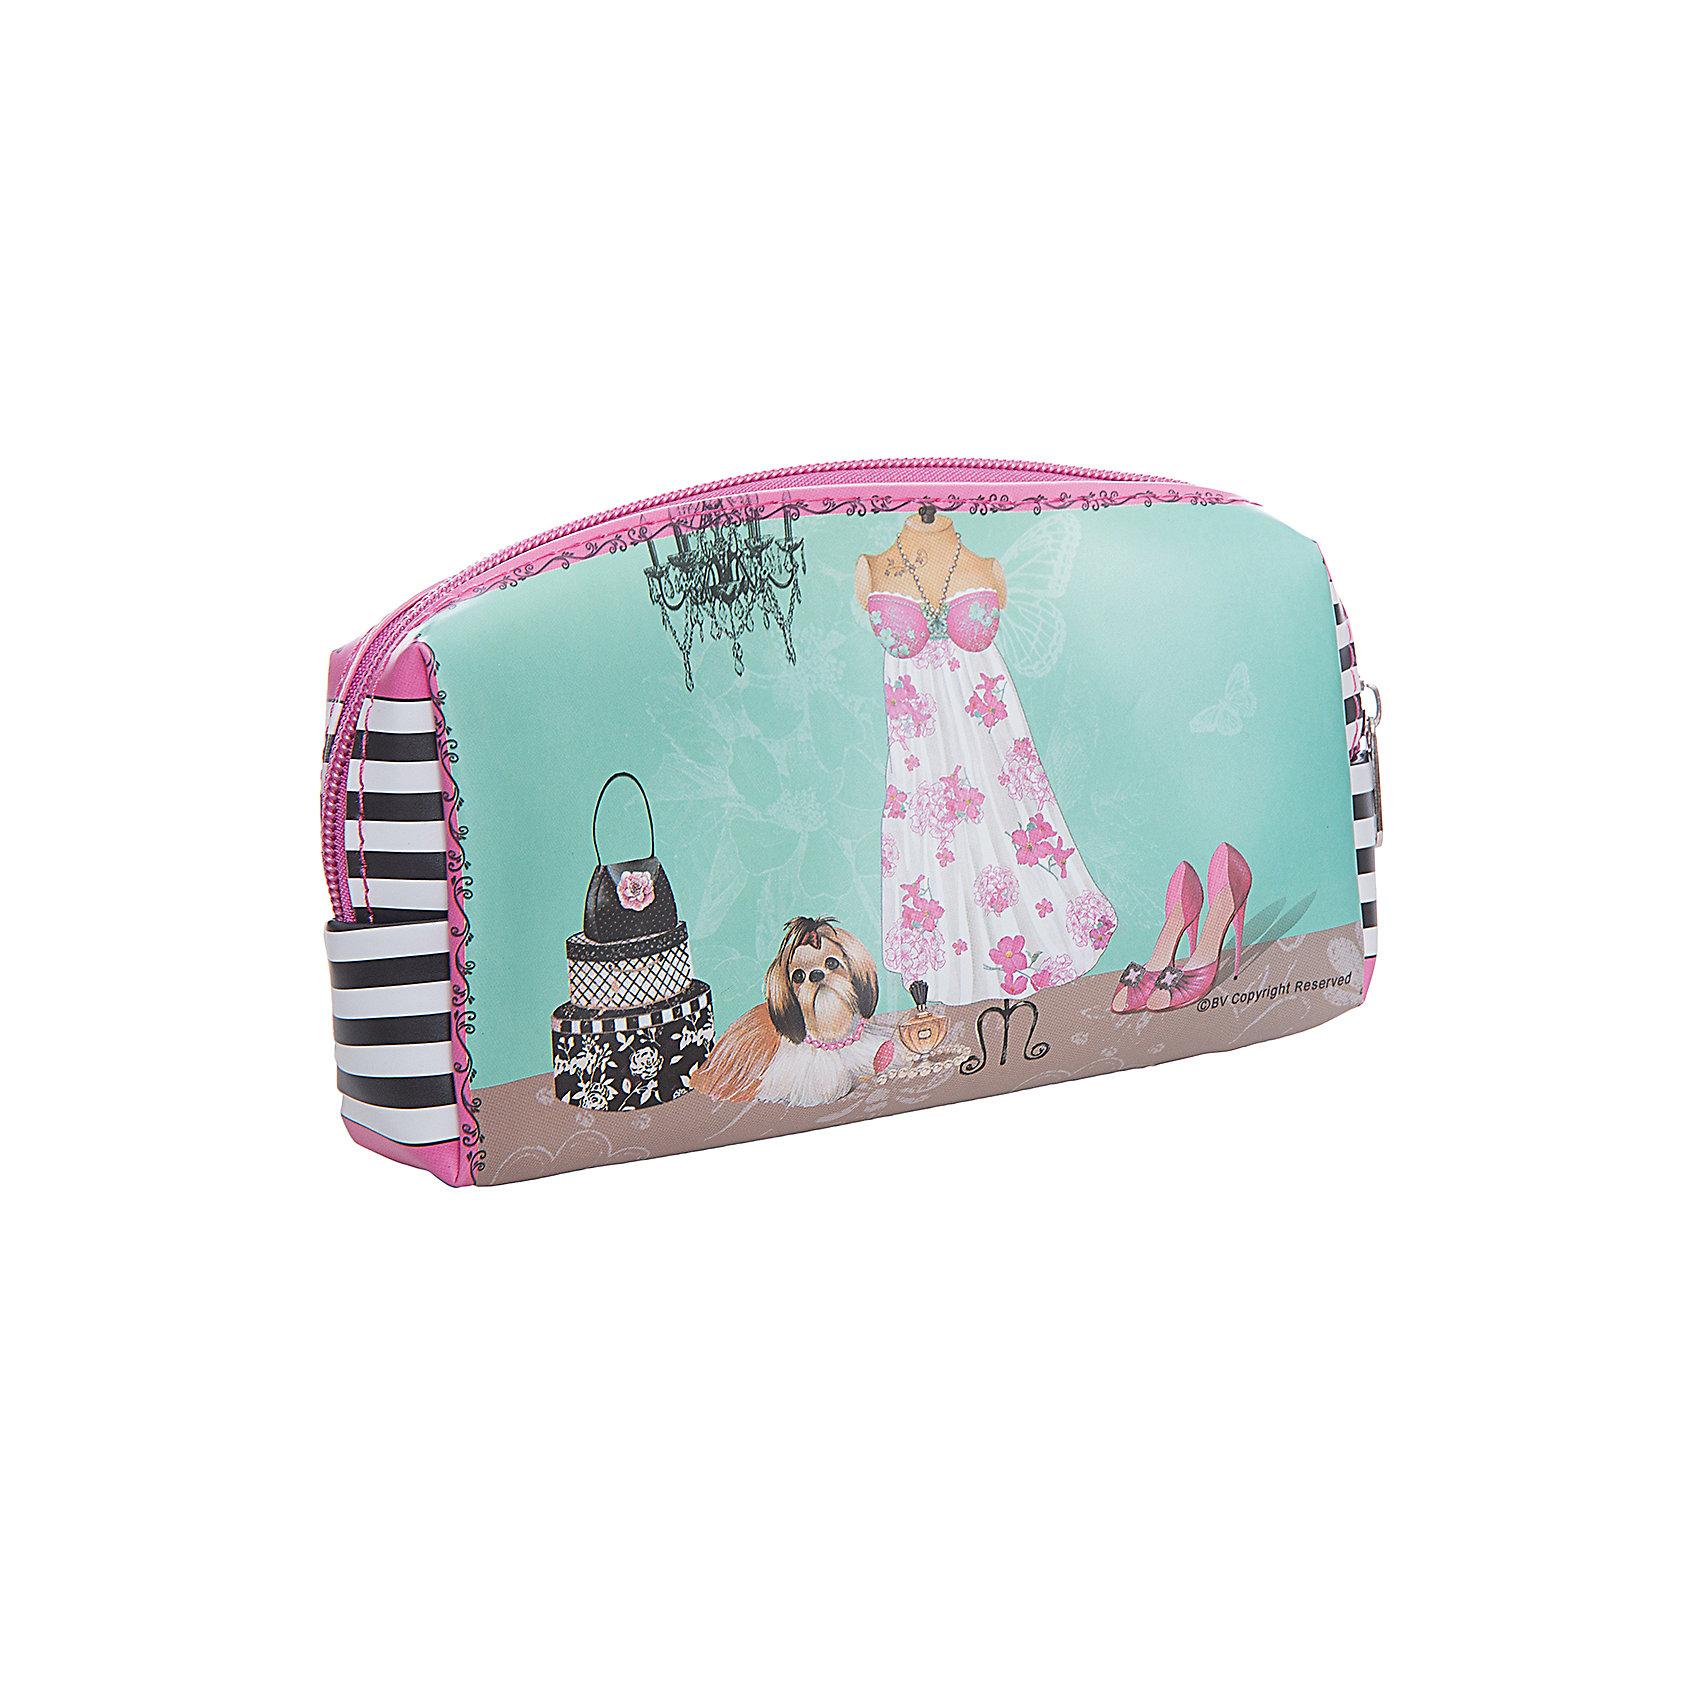 Сумочка для косметики, Феникс-ПрезентСумочка для косметики, лицевая поверхность-нейлон, подкладка -ПВХ.                          Сохранит вашу косметику, кисти для макияжа и украшения. Они всегда будут под рукой! Косметичка очень компактная и легкая, ее удобно возить с собой в поездки или носить в сумке в качестве повседневного помощника! Создана из очень прочной ткани: износостойкий и водонепроницаемый материал! А оригинальный  дизайн всегда будет радовать вас, где бы вы не находились!<br><br>Ширина мм: 180<br>Глубина мм: 50<br>Высота мм: 90<br>Вес г: 76<br>Возраст от месяцев: 36<br>Возраст до месяцев: 2147483647<br>Пол: Женский<br>Возраст: Детский<br>SKU: 5449742